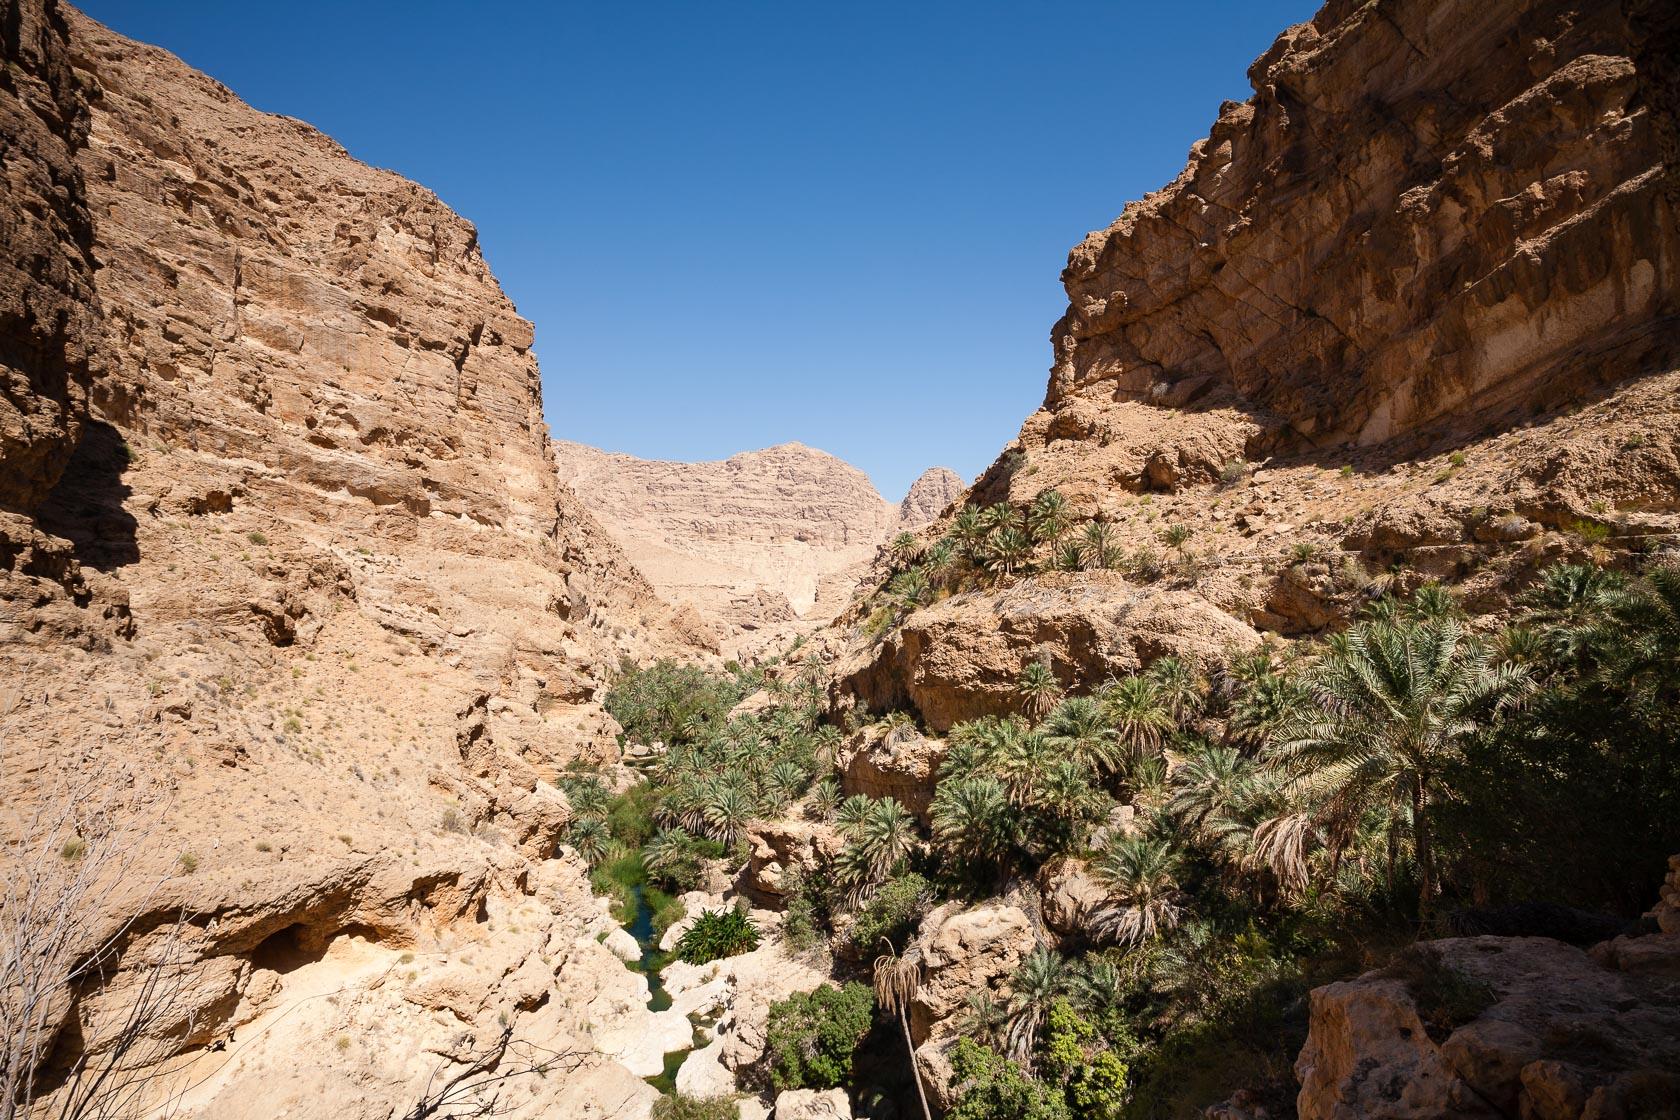 Palmeraie de wadi Taab, à Oman